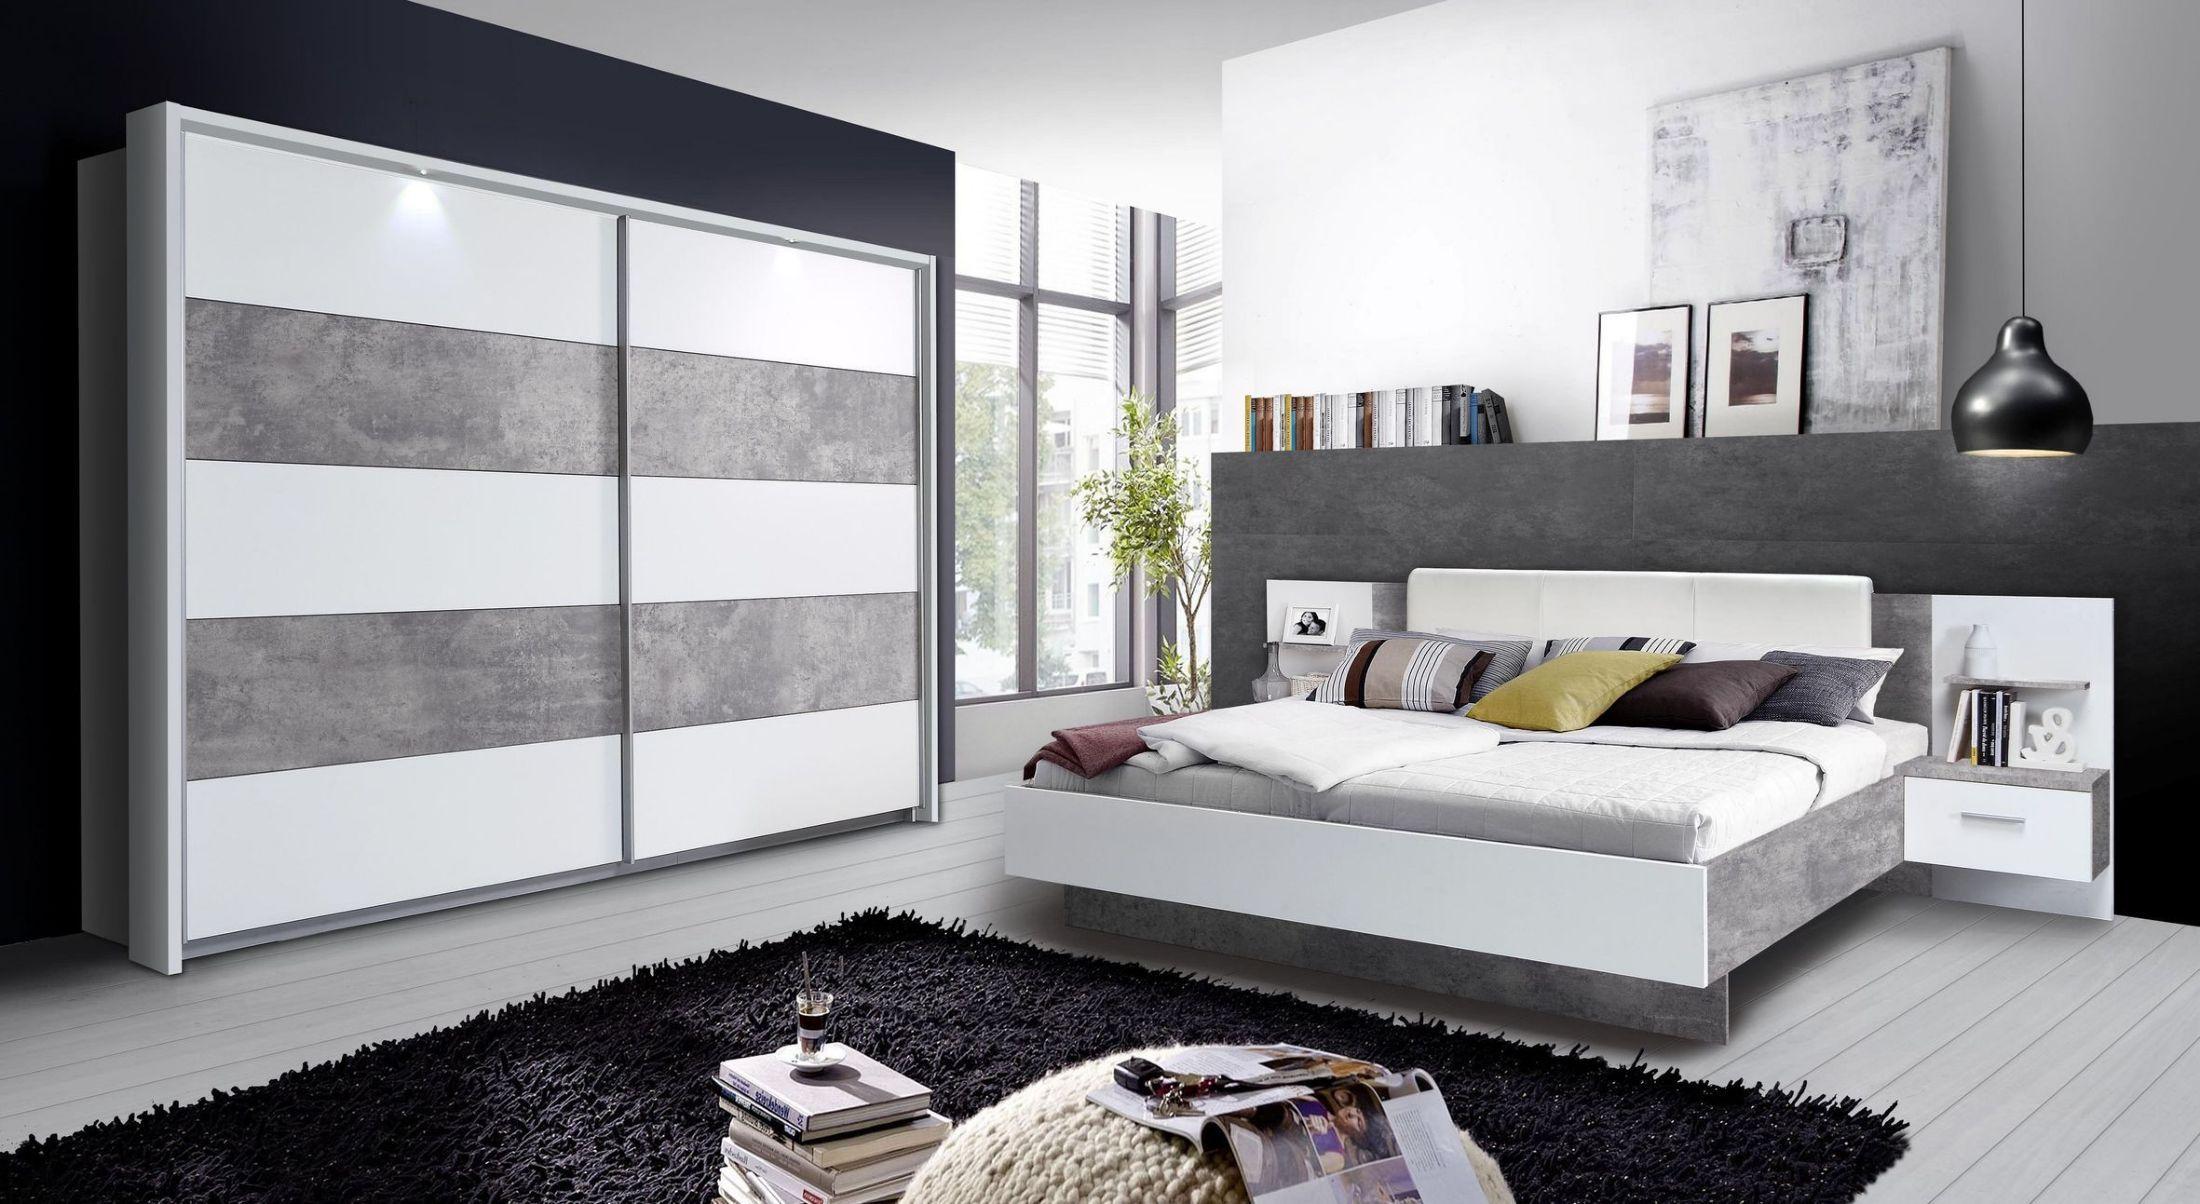 Schlafzimmerset In Weiss Beton Forte M–bel Ginger Weiß